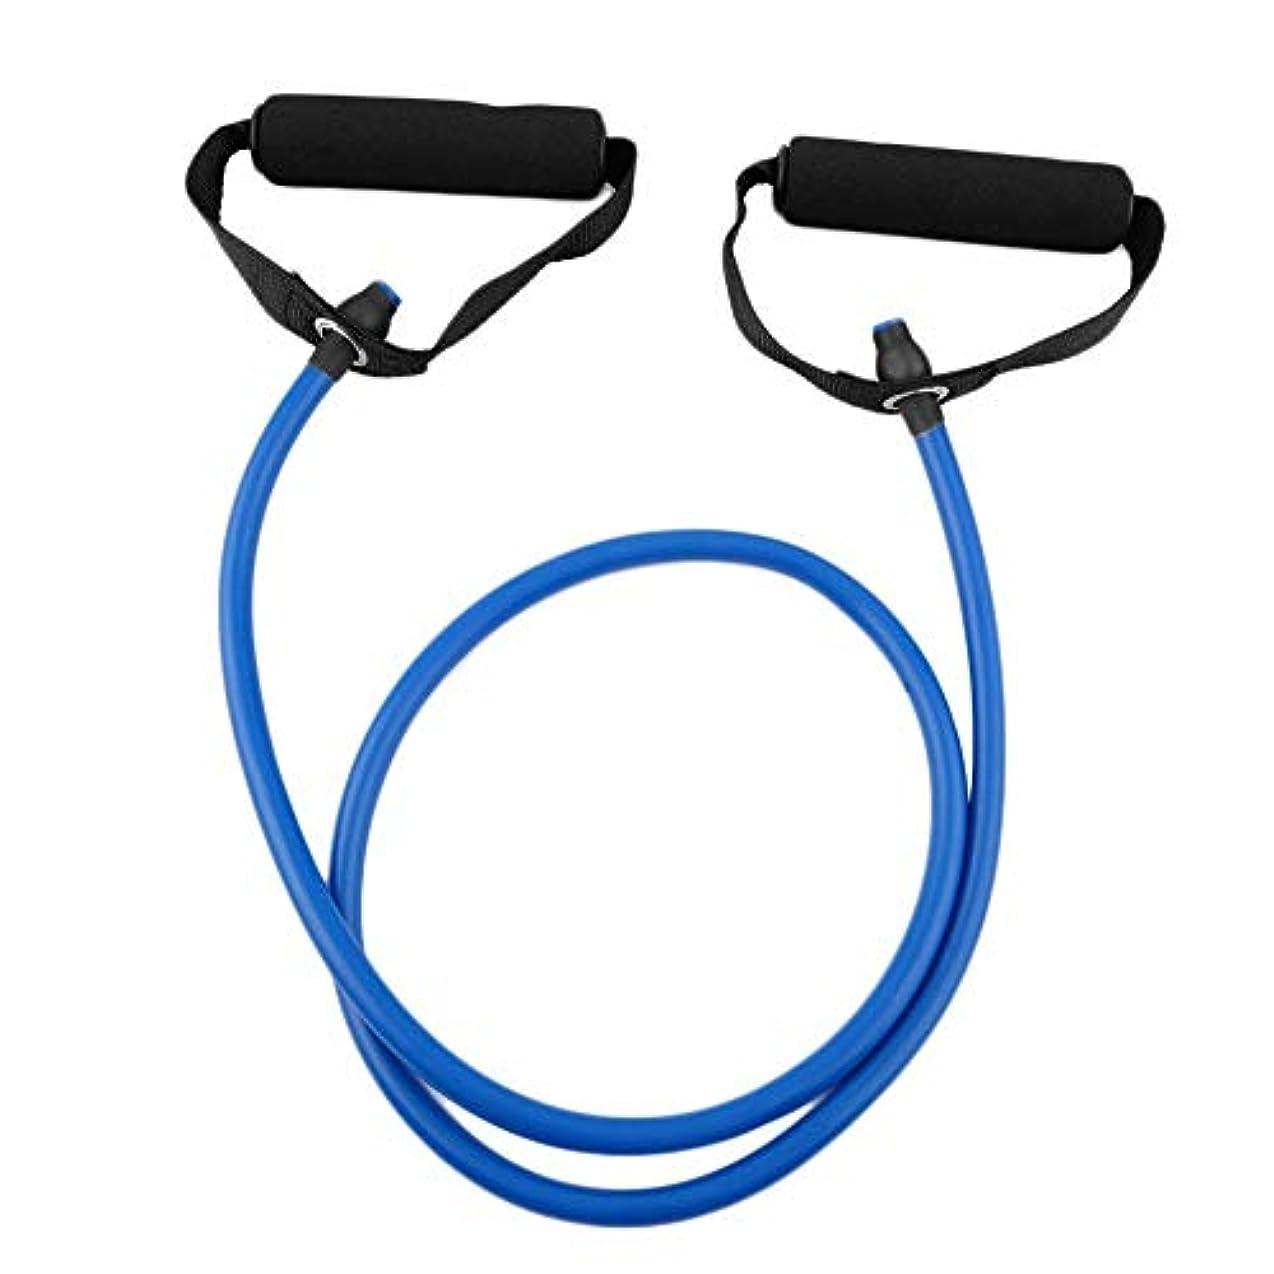 風味鍔有益フィットネス抵抗バンドロープチューブ弾性運動用ヨガピラティスワークアウトホームスポーツプルロープジムエクササイズツール